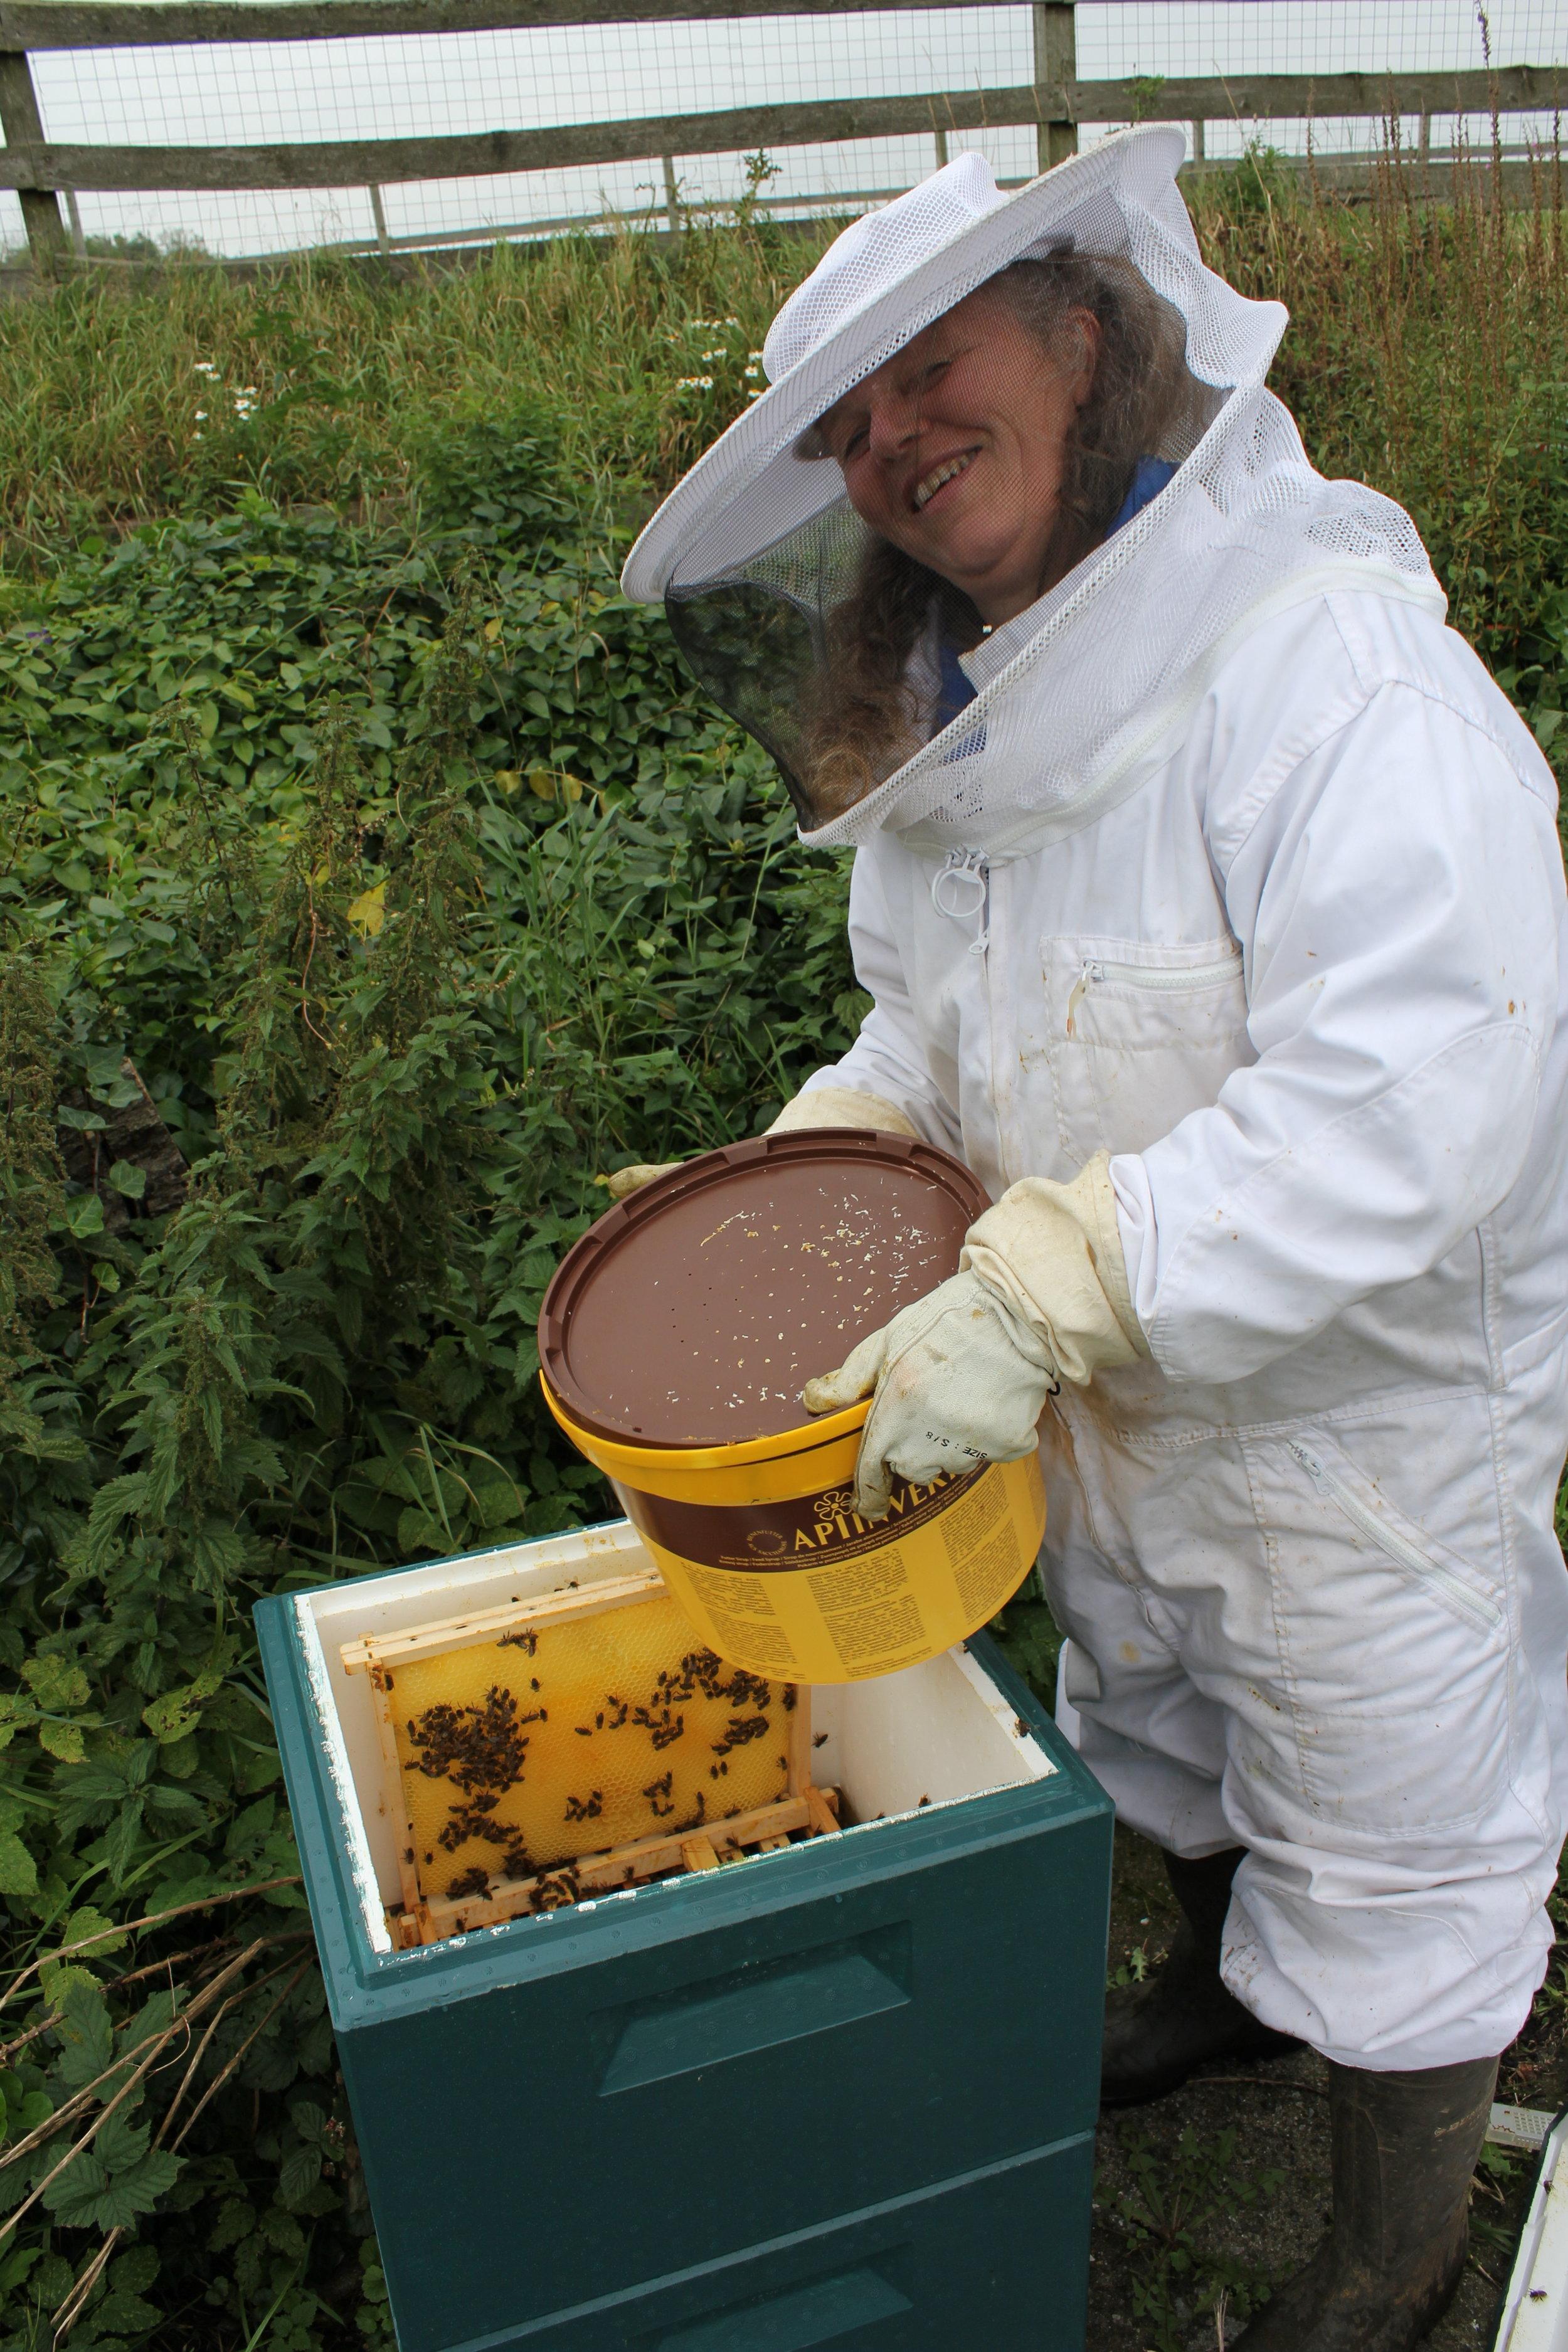 Vinterfodring i opstablingsstade. Erstatning til bierne for årets honning.